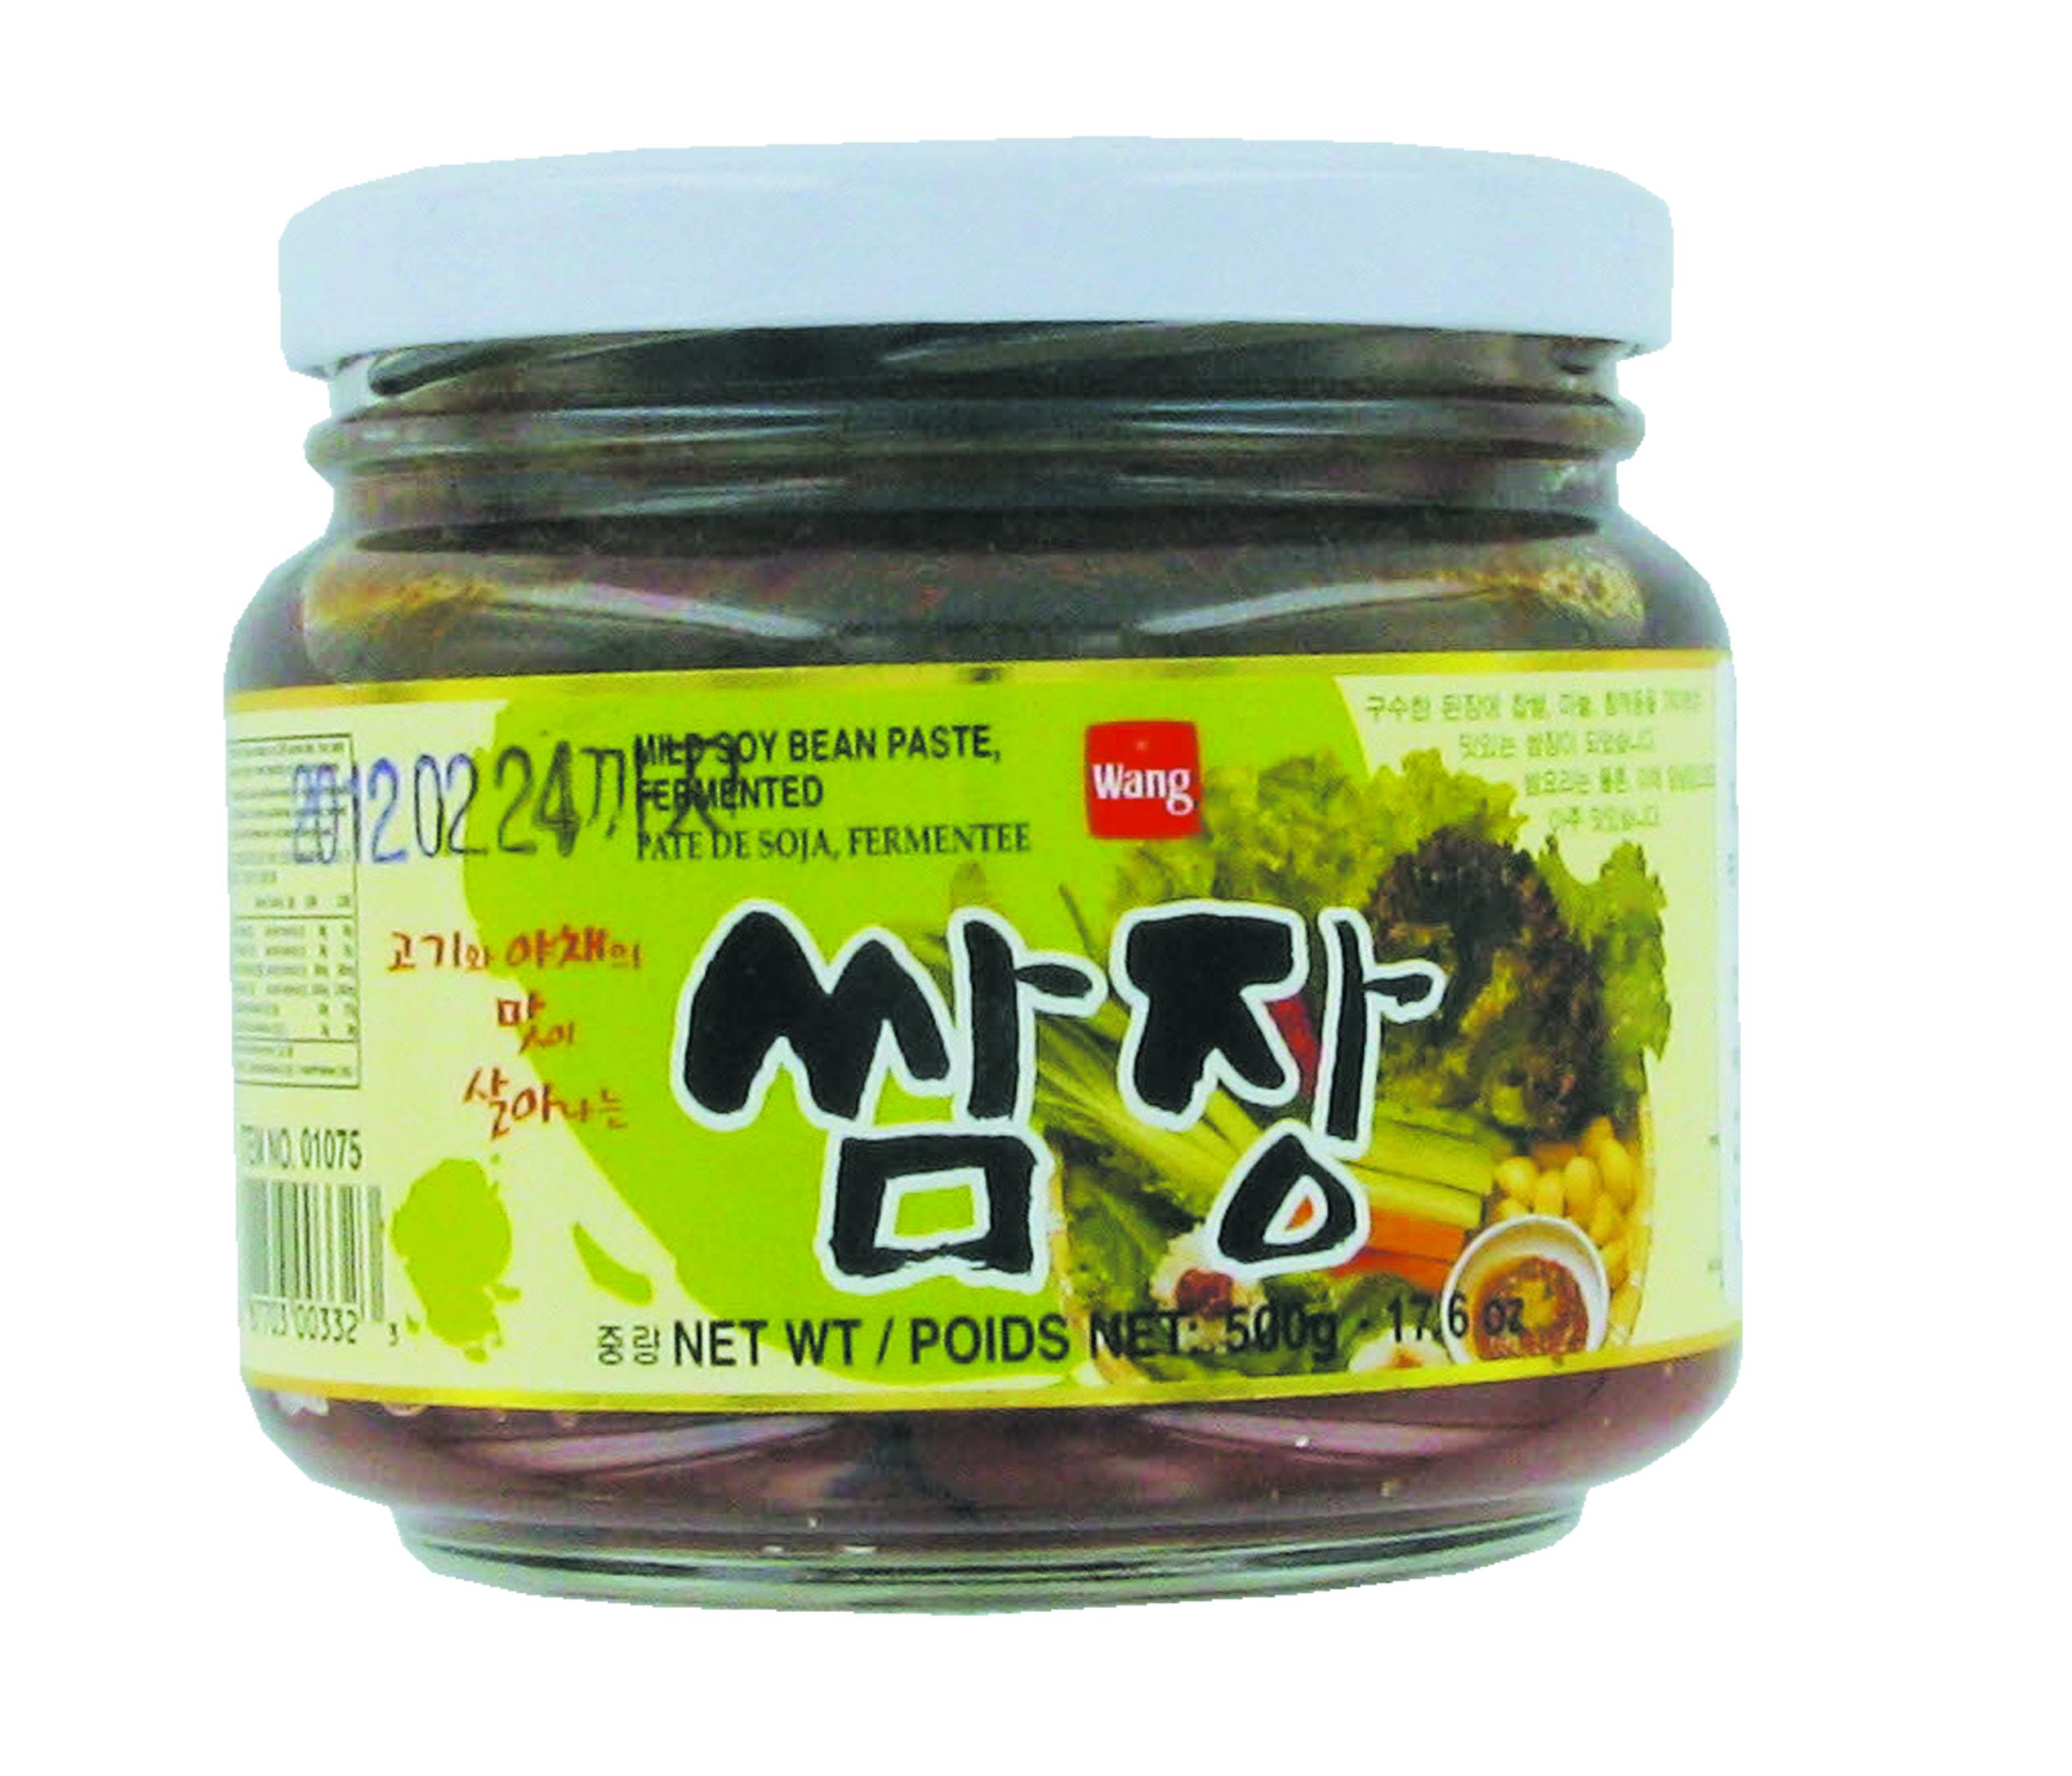 Pâte de soja fermentée (et pimentée) Wang (500 g)